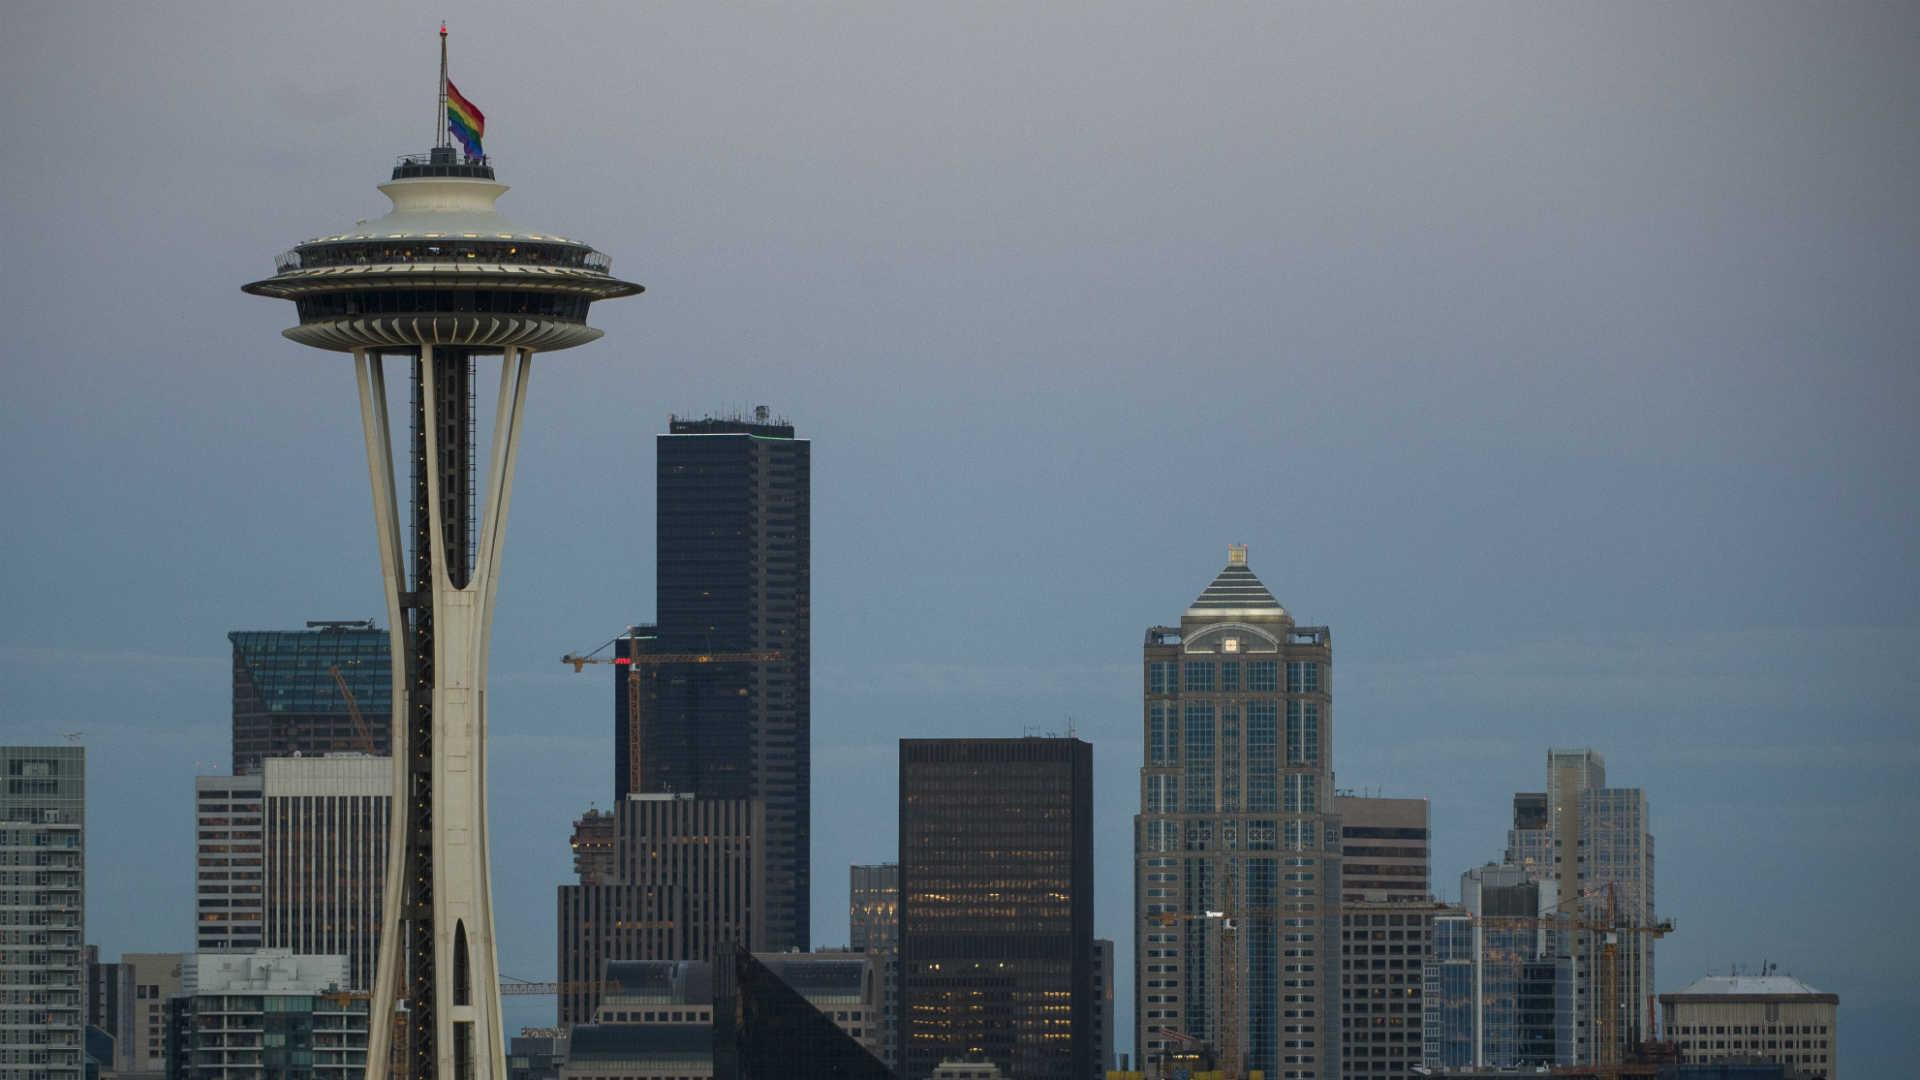 Seattle-skyline_184w1hvx3byd1og3zz7dkkyaz